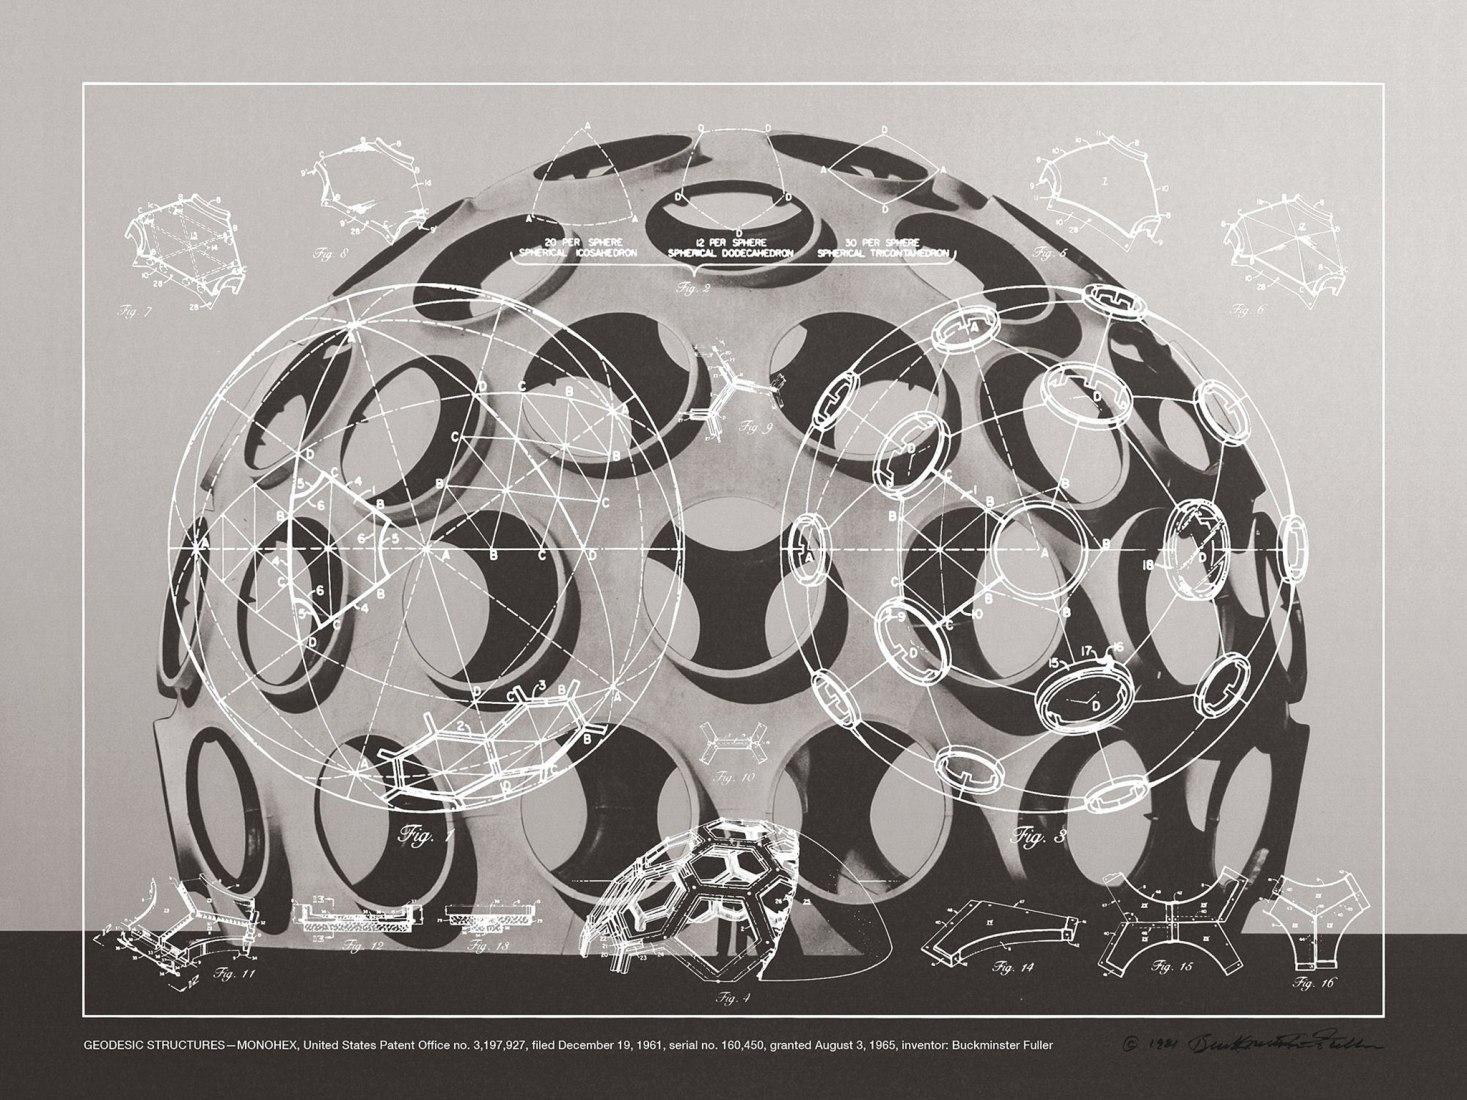 Buckminster Fuller, Estructuras Geodésicas - Monohex, 1981. Lámina transparente serigrafiada, una serigrafía de duotono en papel Lenox 100% rag y una hoja azul de respaldo de papel Curtis 100% rag, 30 x 40 pulgadas (76.2 x 101.6 cm).